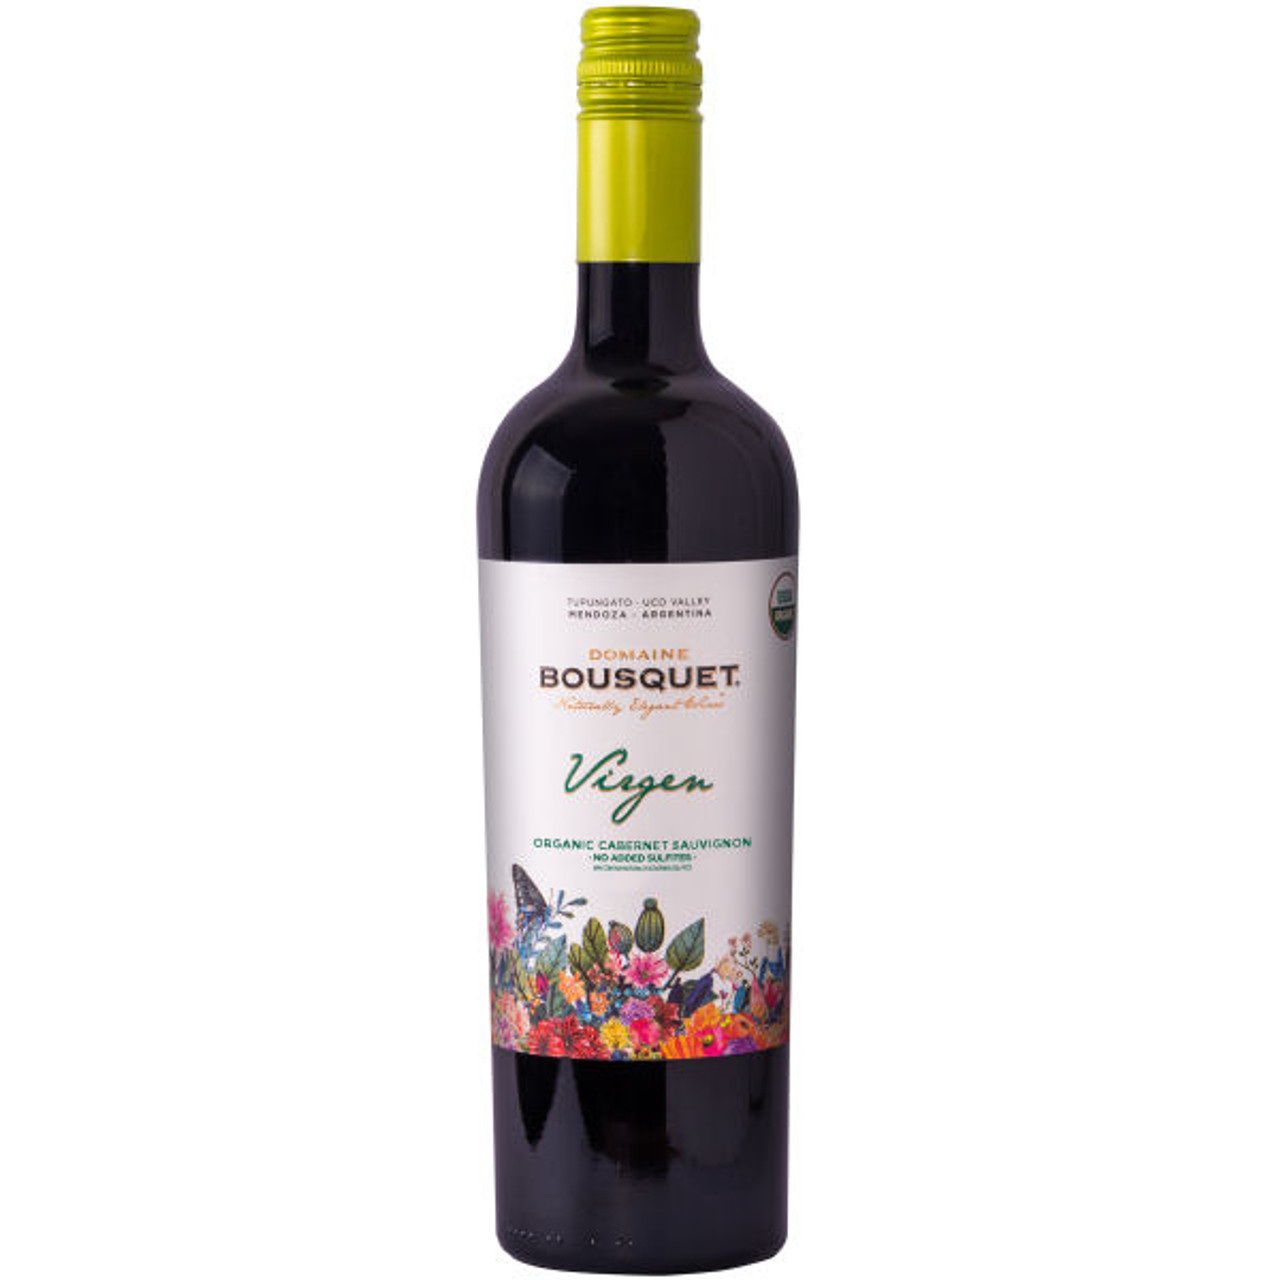 Domaine Bousquet Premium Virgen Organic Cabernet